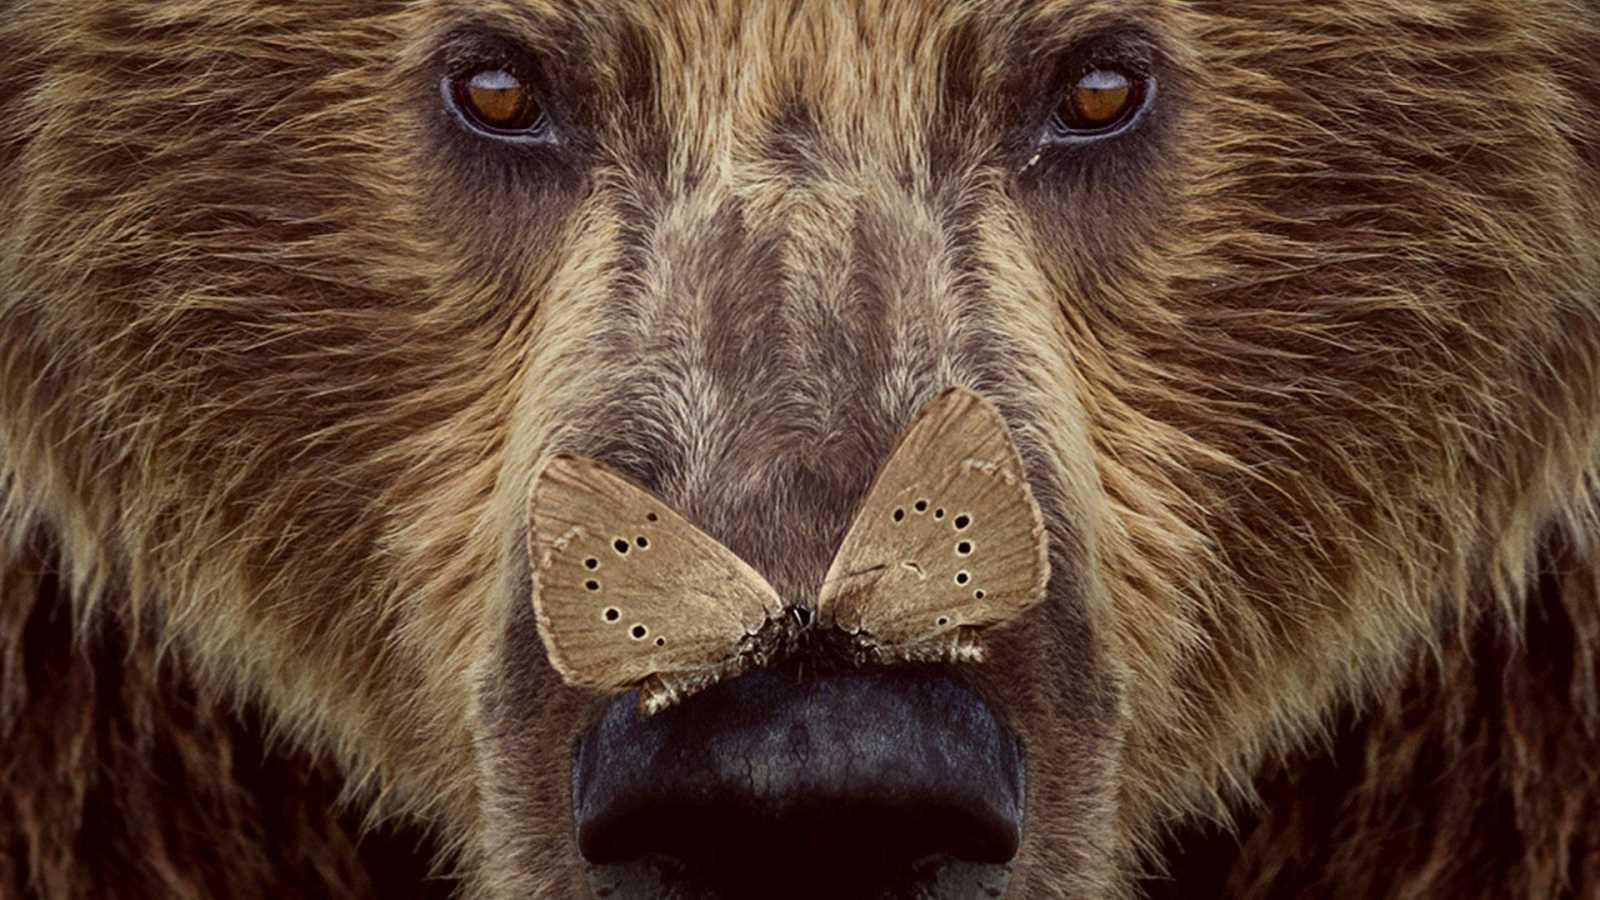 Somos Cine - Cantábrico. Los dominios del oso pardo - Ver ahora